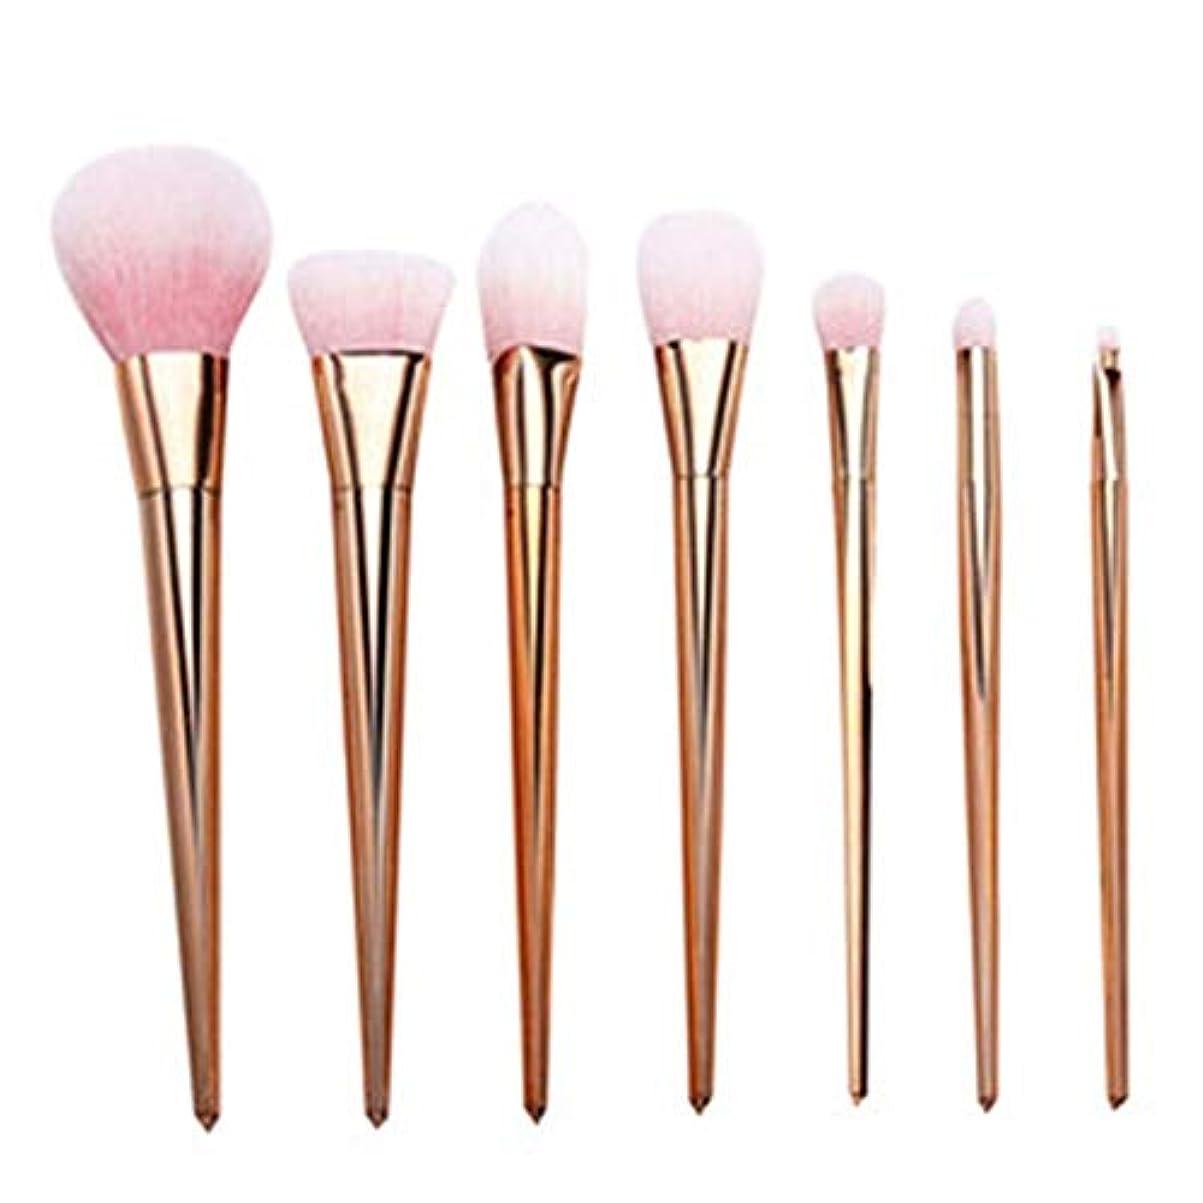 賛辞オフセット同性愛者プロ メイクブラシ 化粧筆 シリーズ 化粧ブラシセット 高級タクロン 超柔らかい 可愛い リップブラシツール 7本セット (Color : Rose Gold)